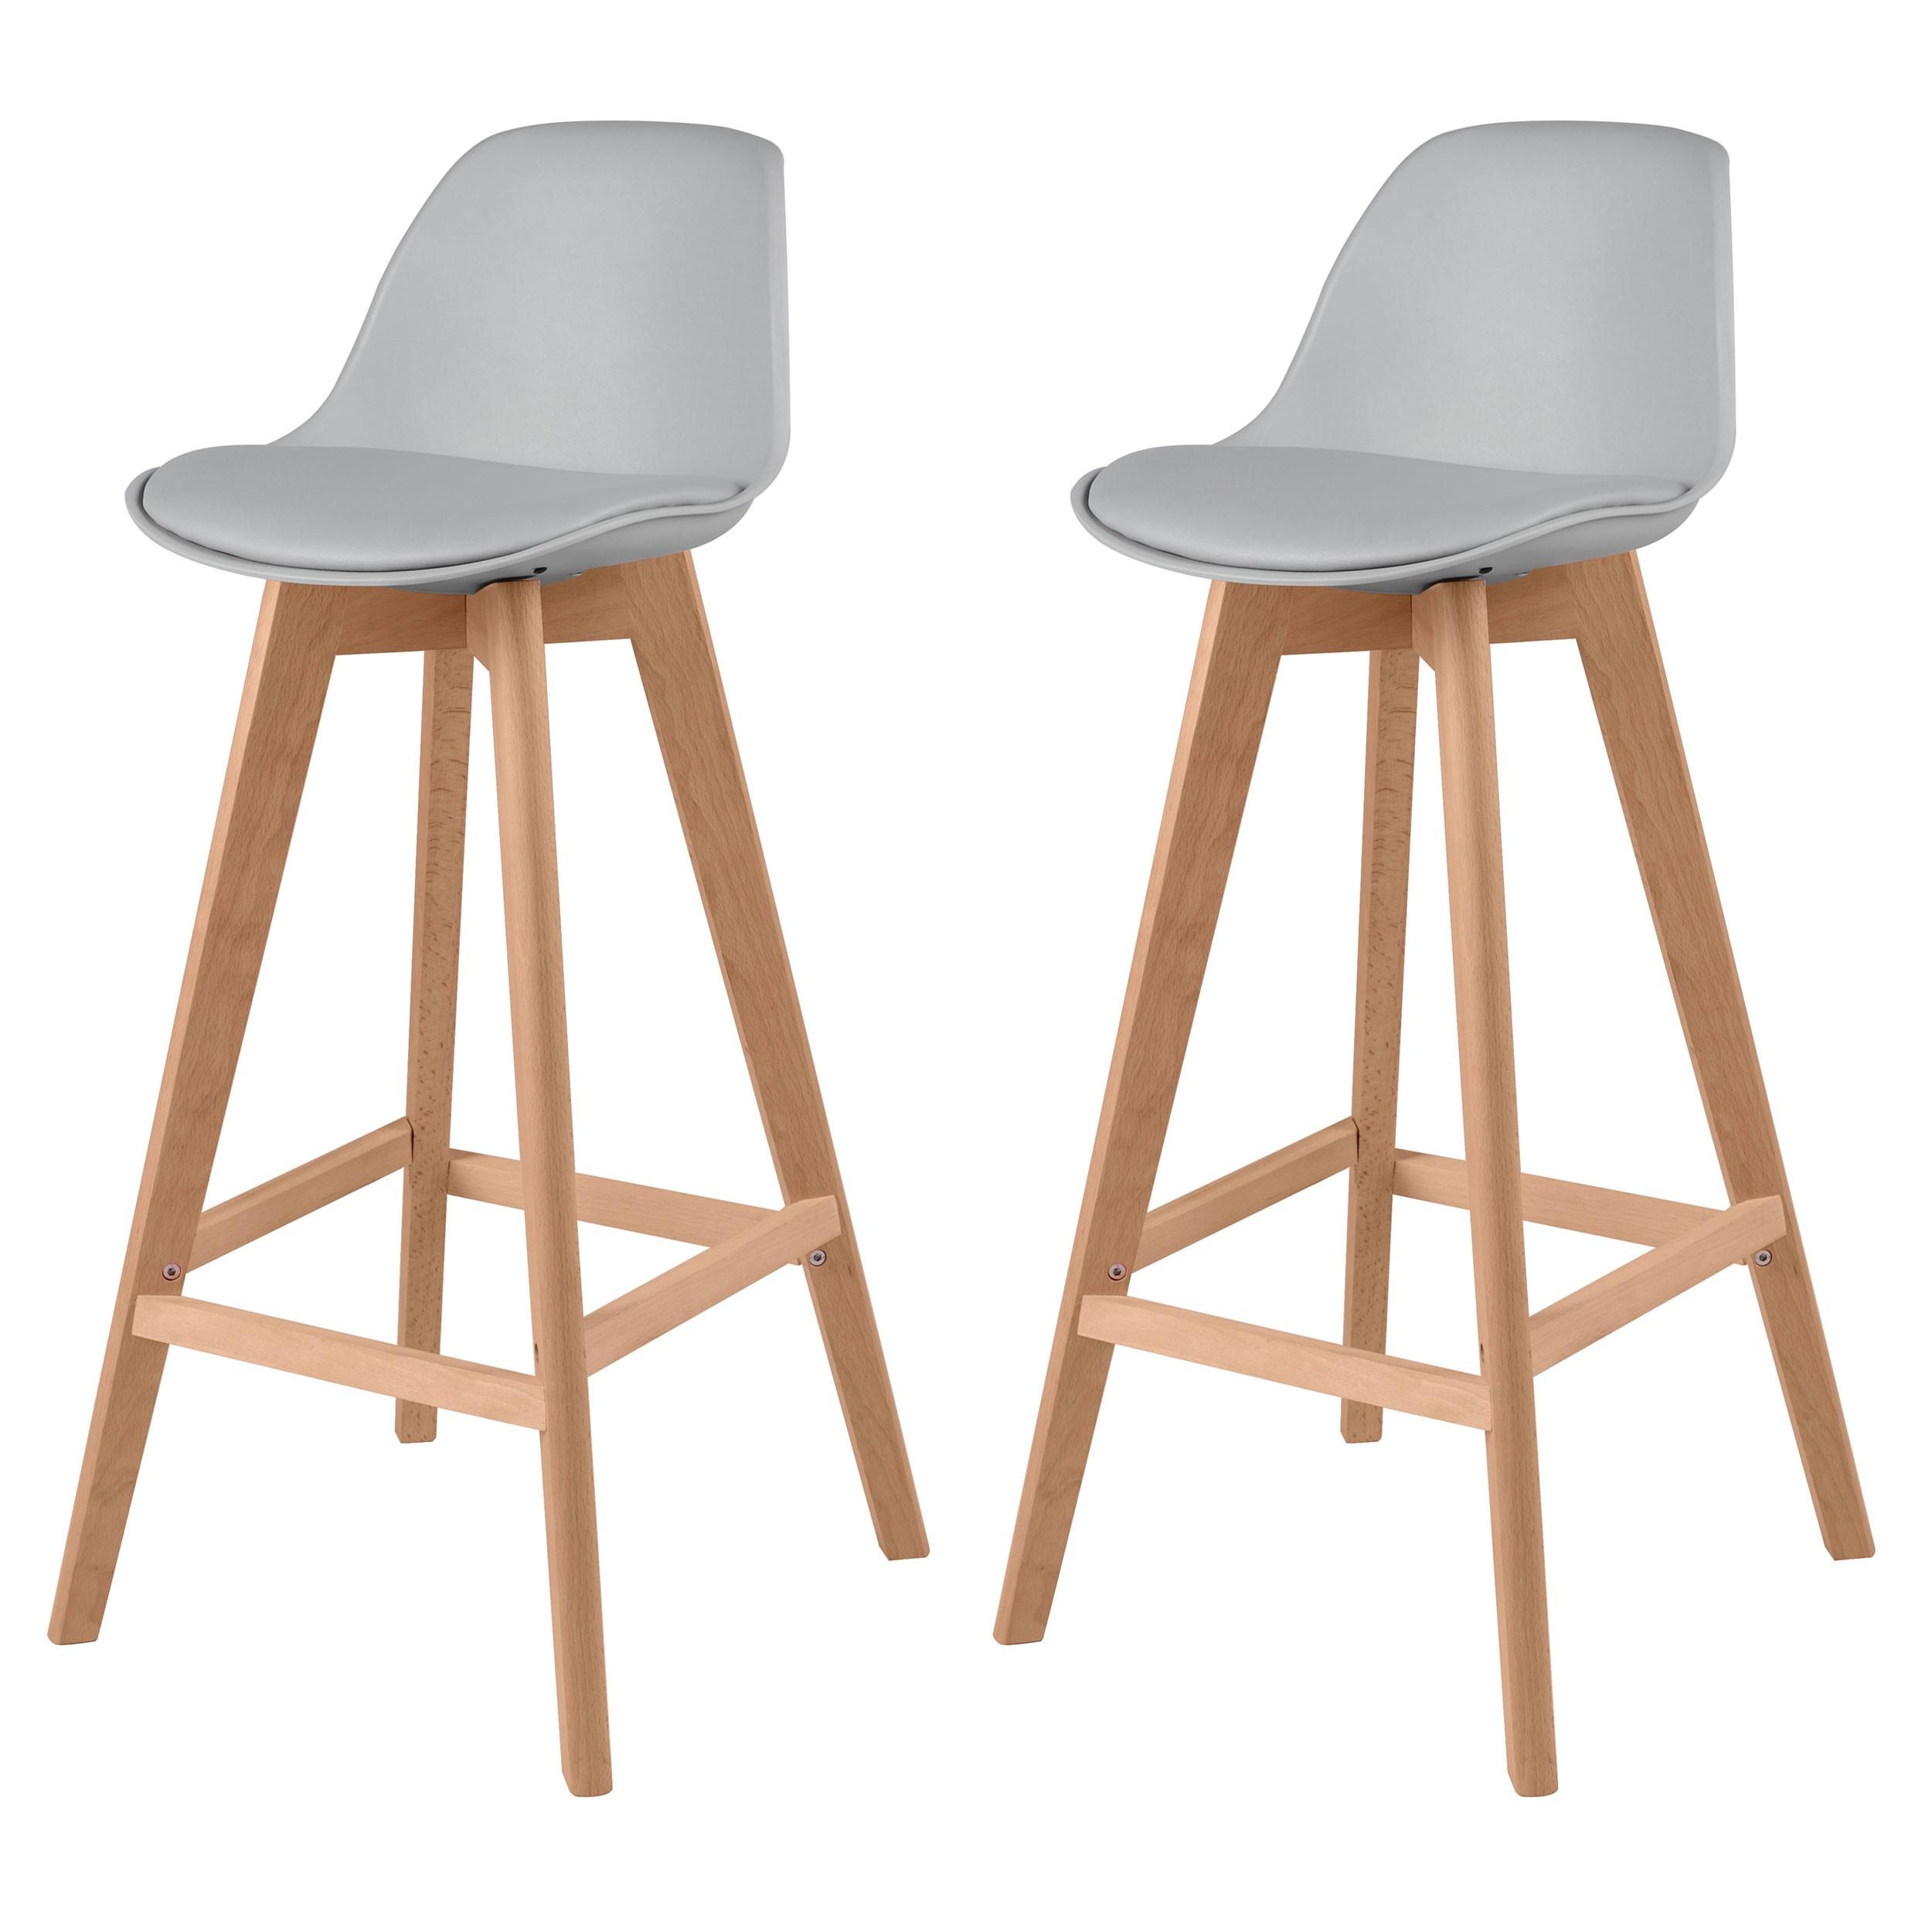 chaise de bar skandi grise lot de 2 commandez un lot de 2 chaises de bar skandi grises rdv d co. Black Bedroom Furniture Sets. Home Design Ideas